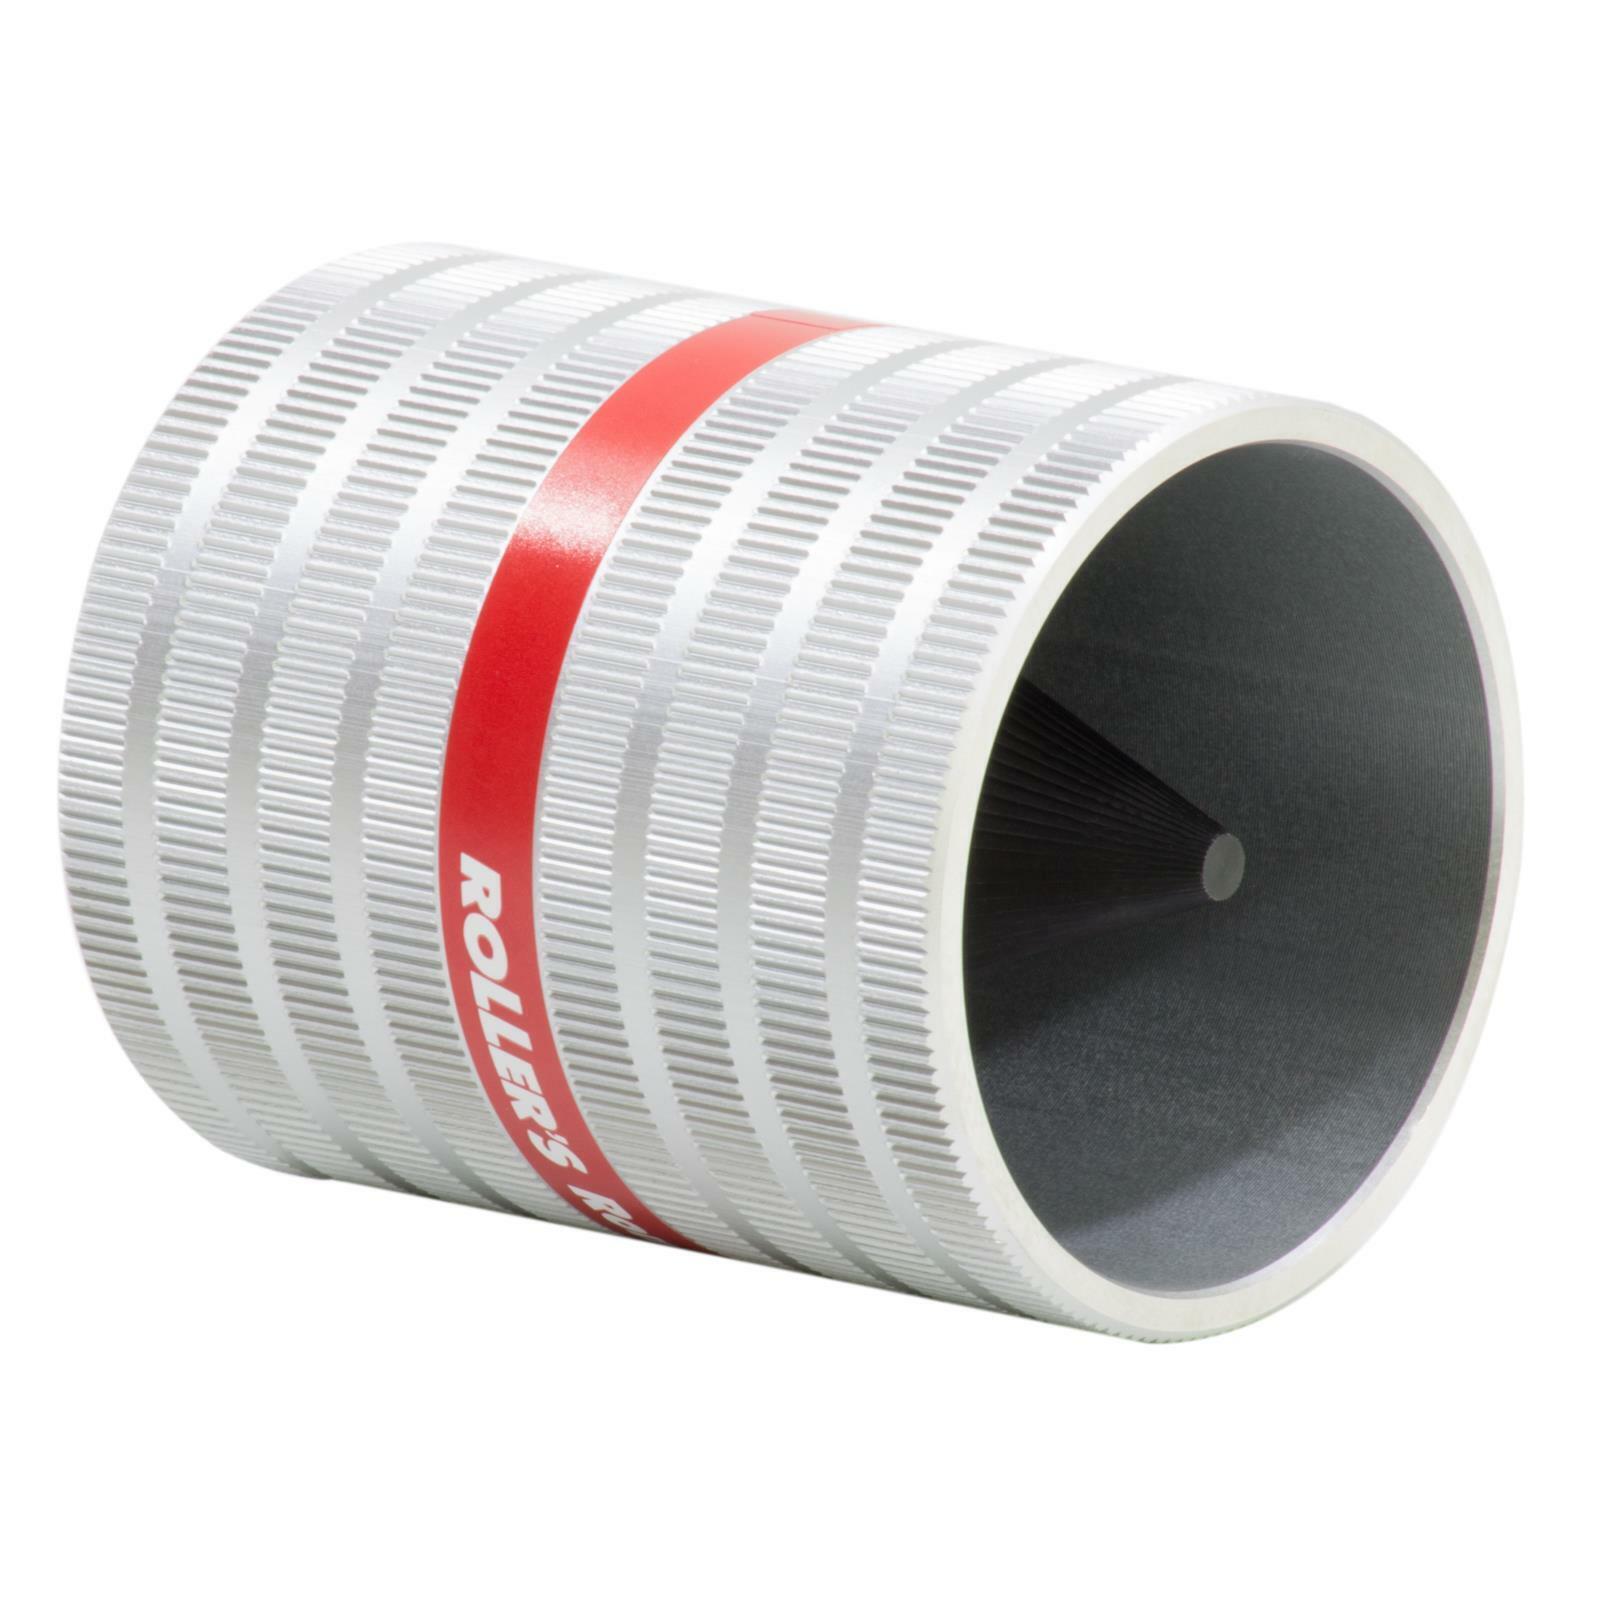 Rohrentgrater Metallentgrater 10-54A Innen-Außenentgrater Handentgrater Metall